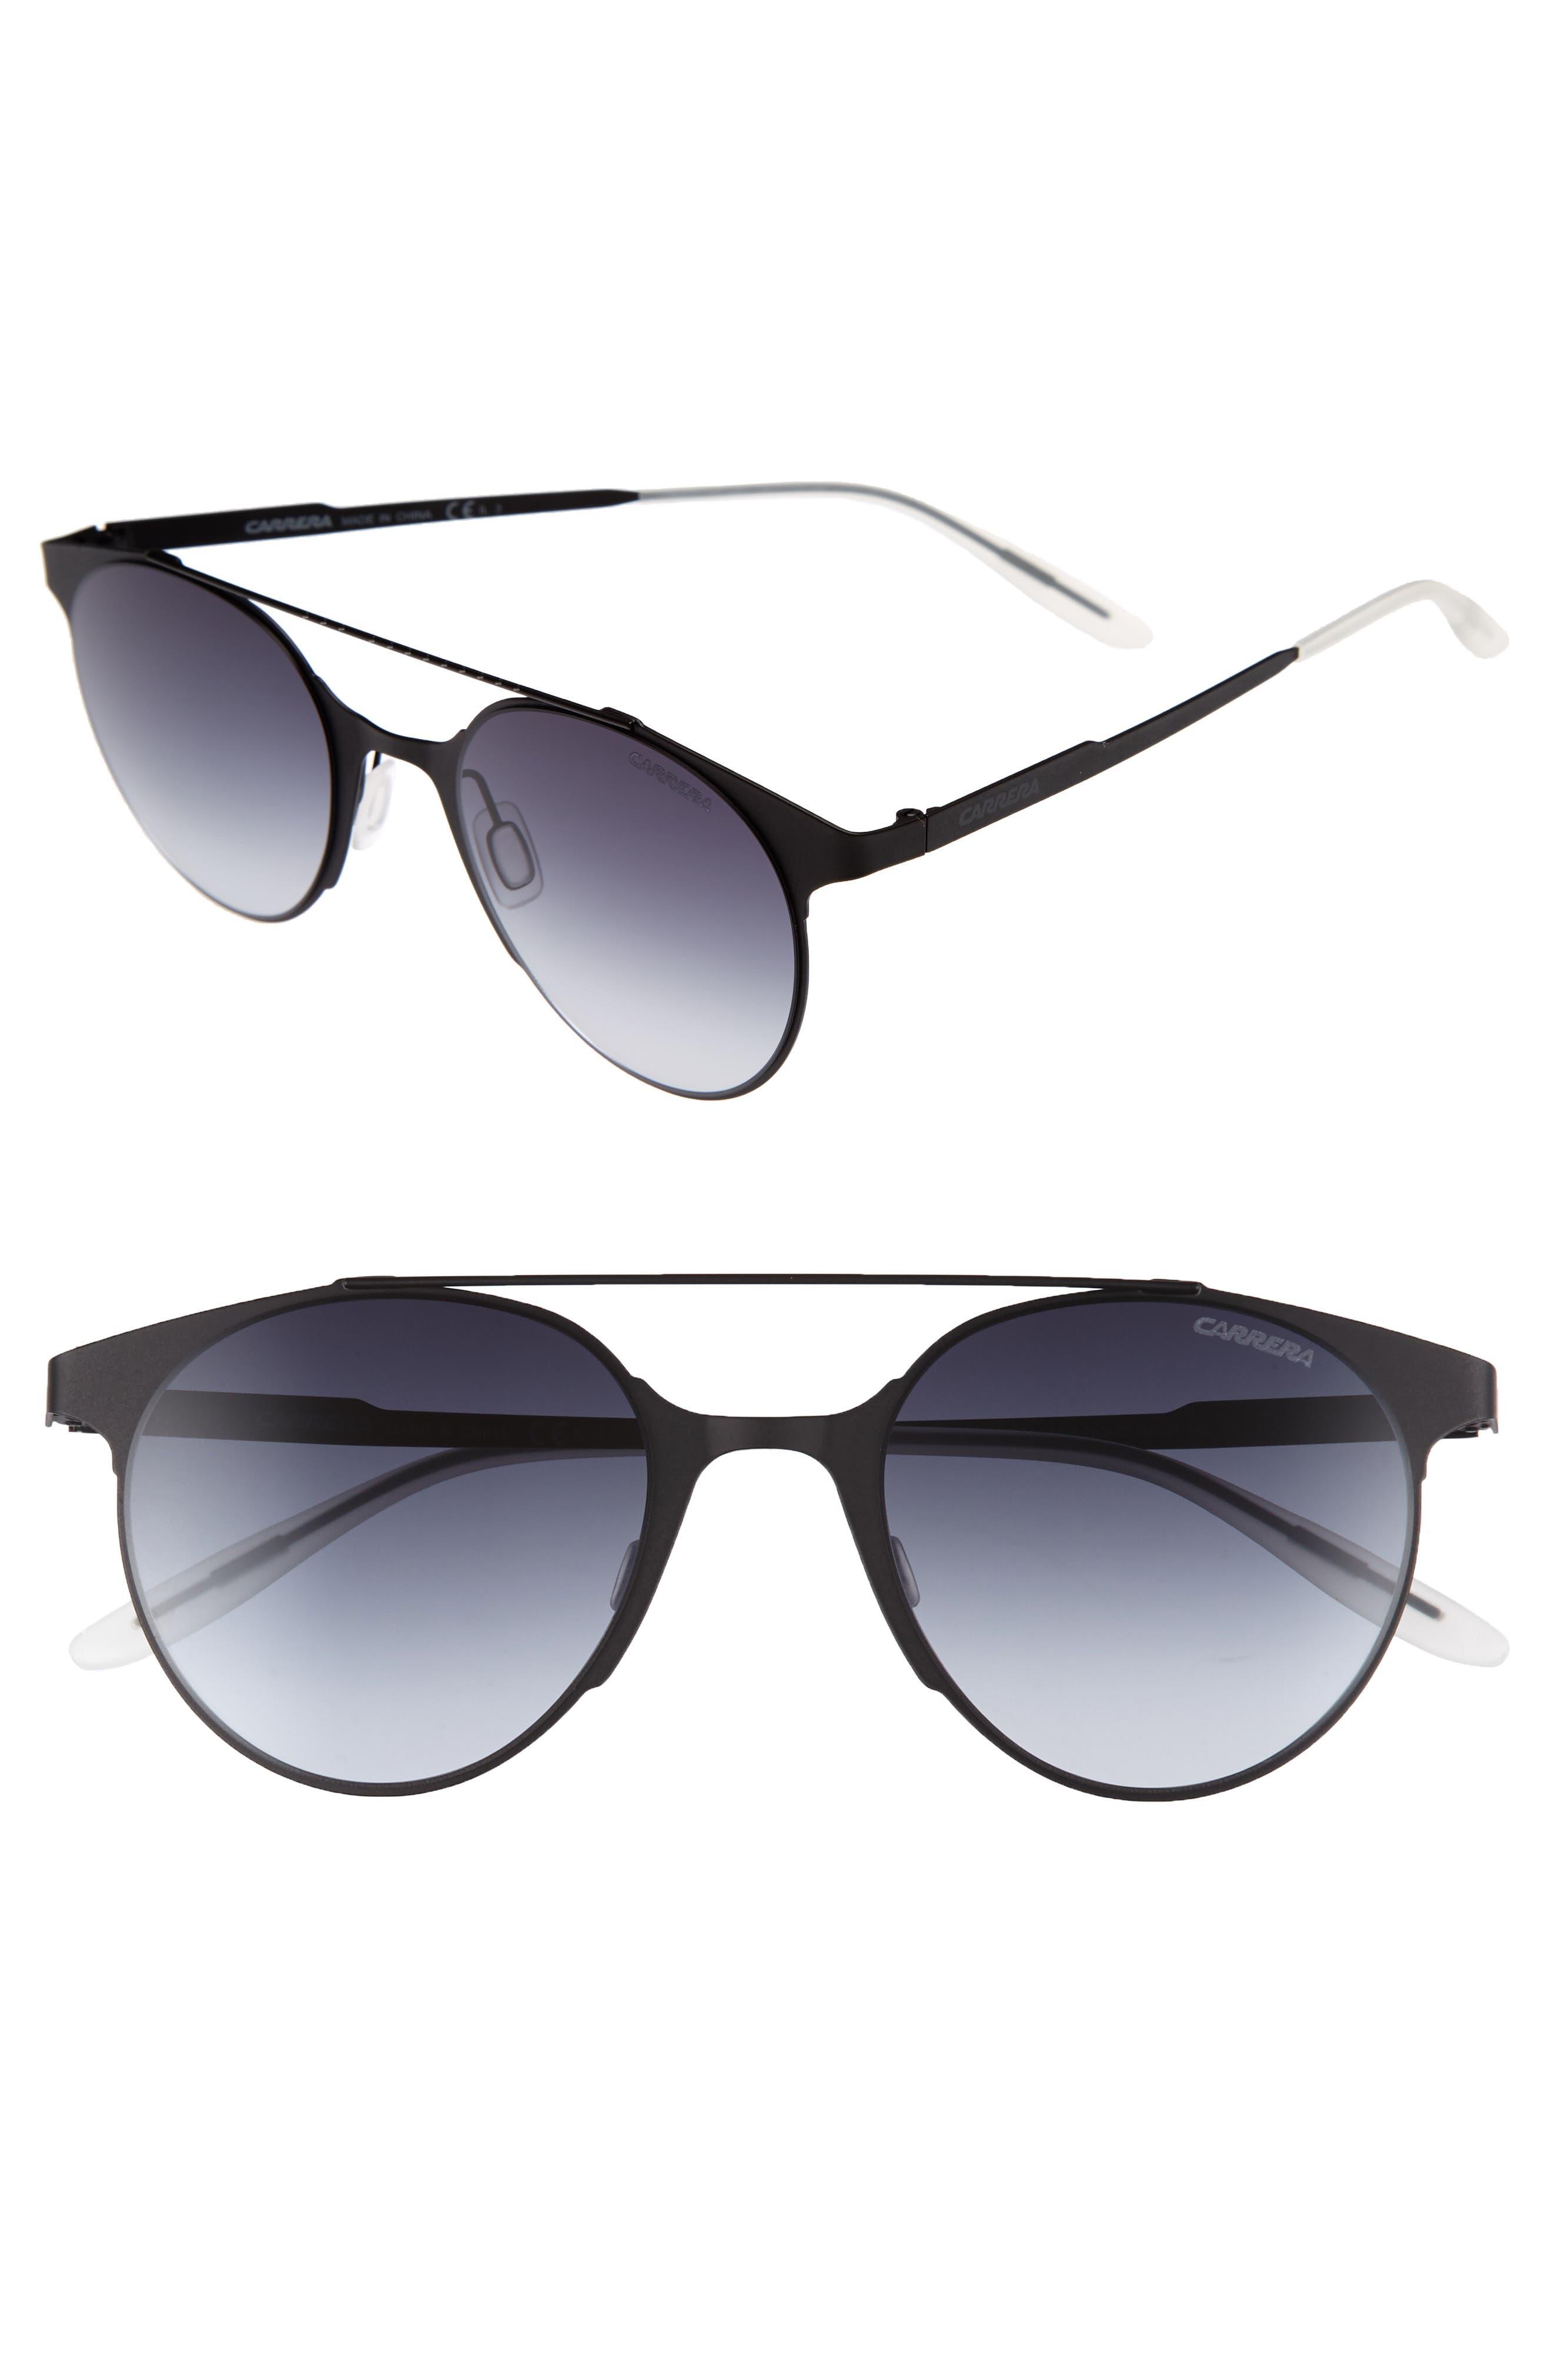 50mm Gradient Round Sunglasses,                         Main,                         color, Matte Black